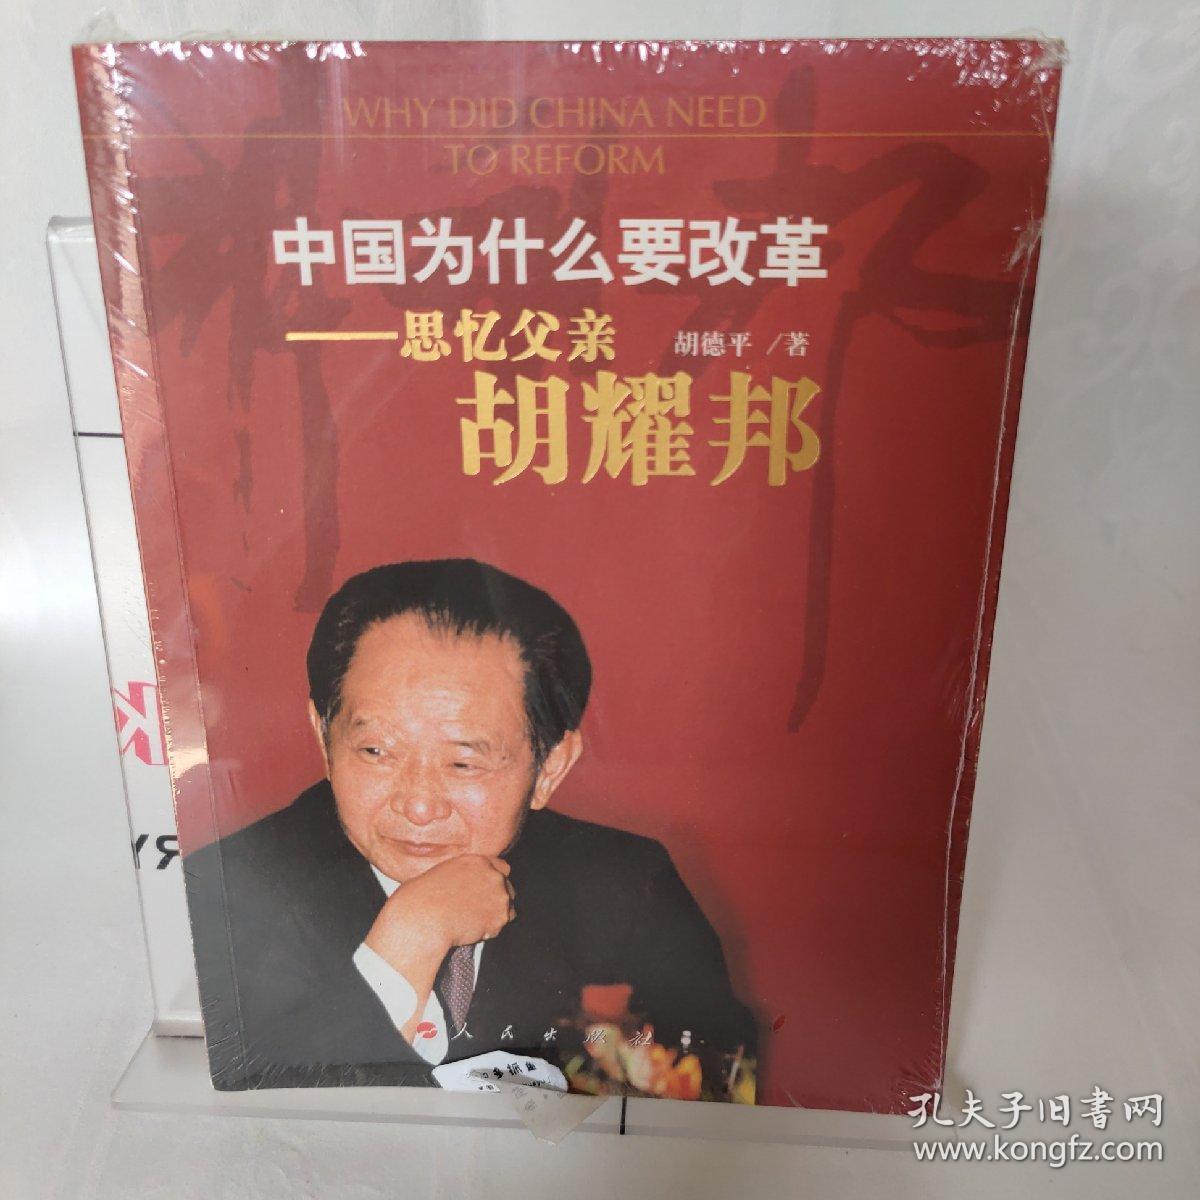 中国为什么要改革:思忆父亲胡耀邦